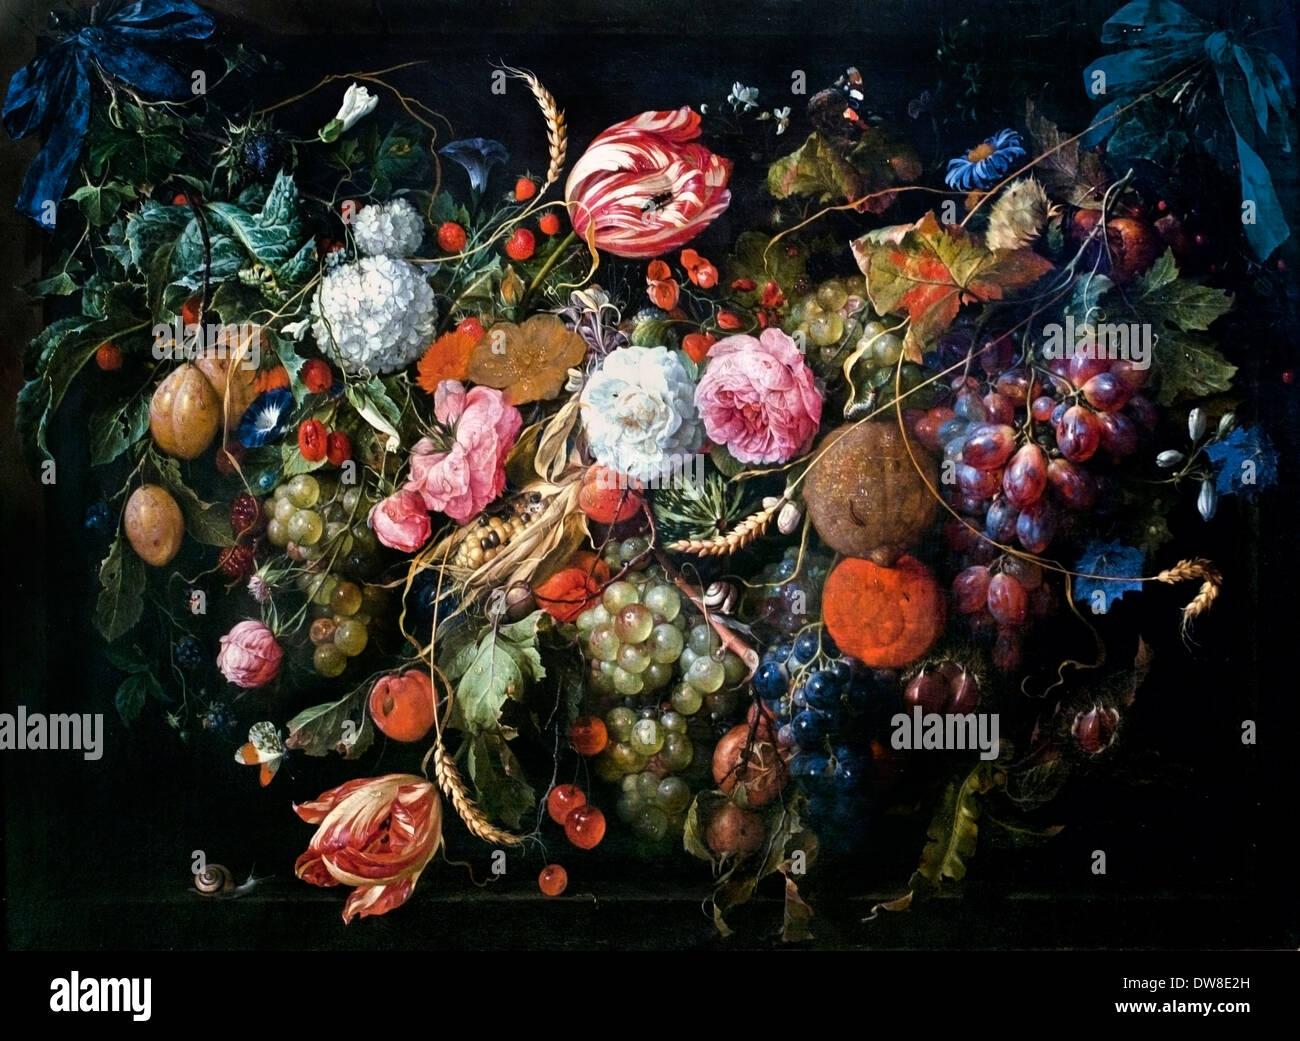 Garland of flowers and fruits 1650 Jan Davidsz. de Heem 1606 - 1684 Dutch Netherlands Stock Photo